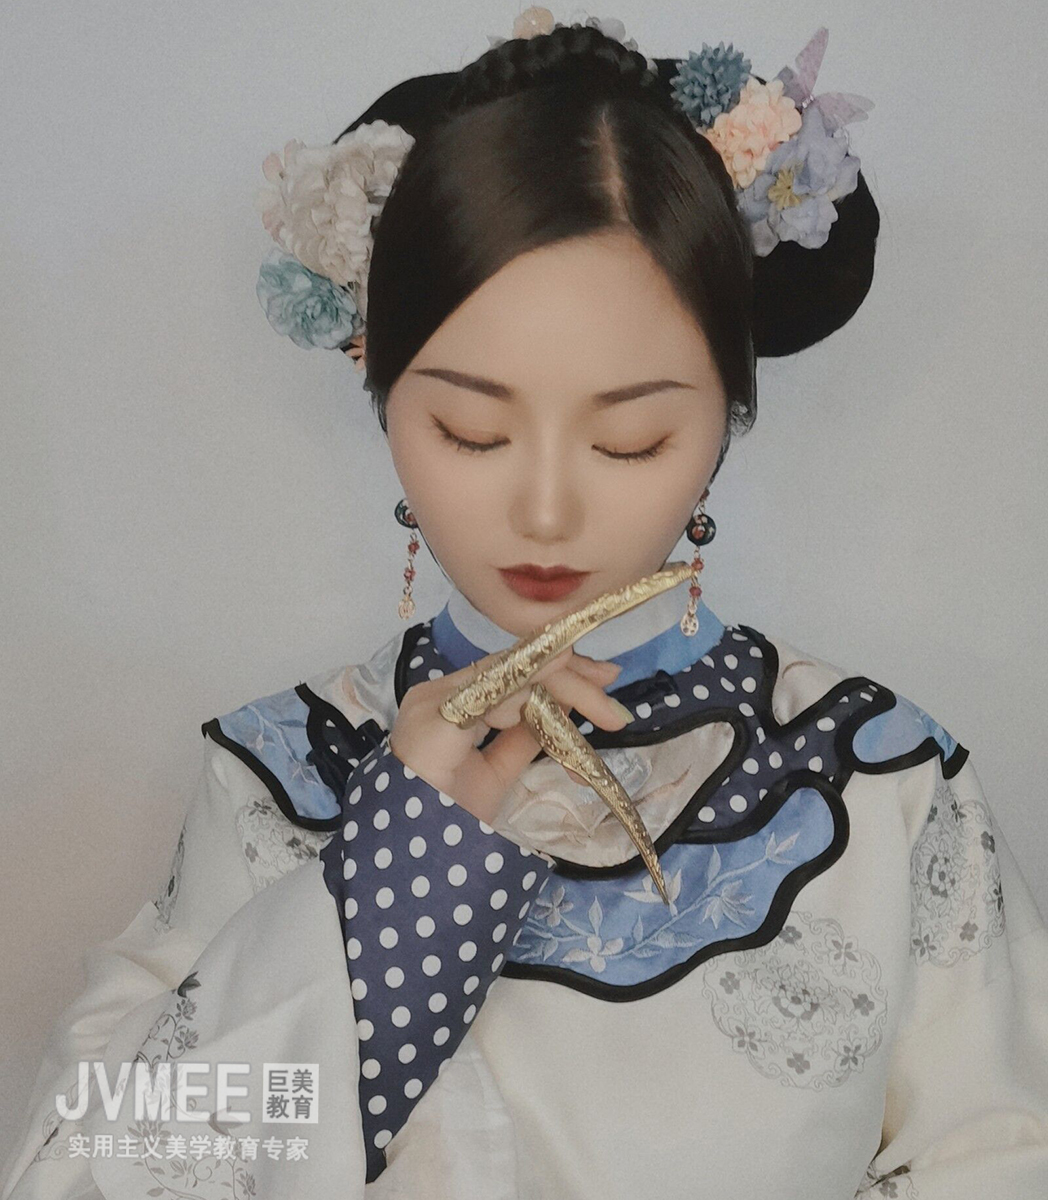 清朝格格妆作品